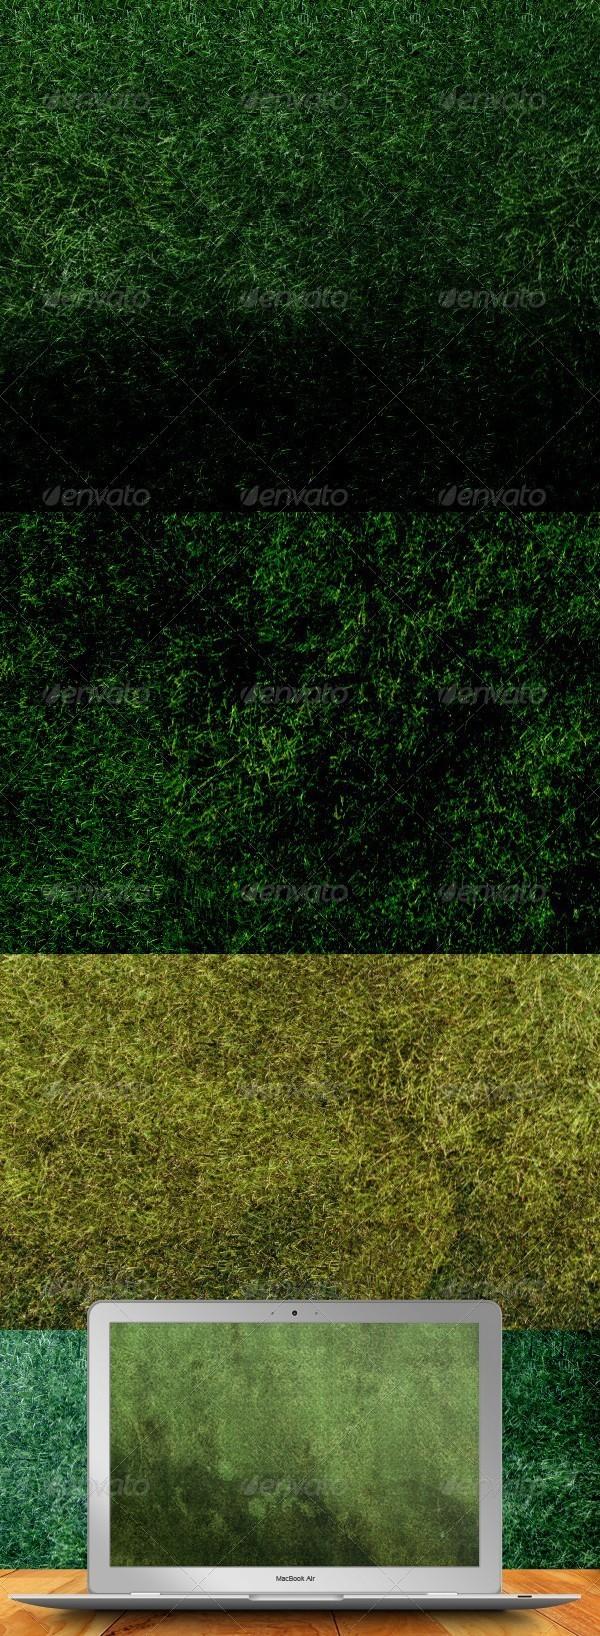 GraphicRiver Grunge Grass Textures 262874